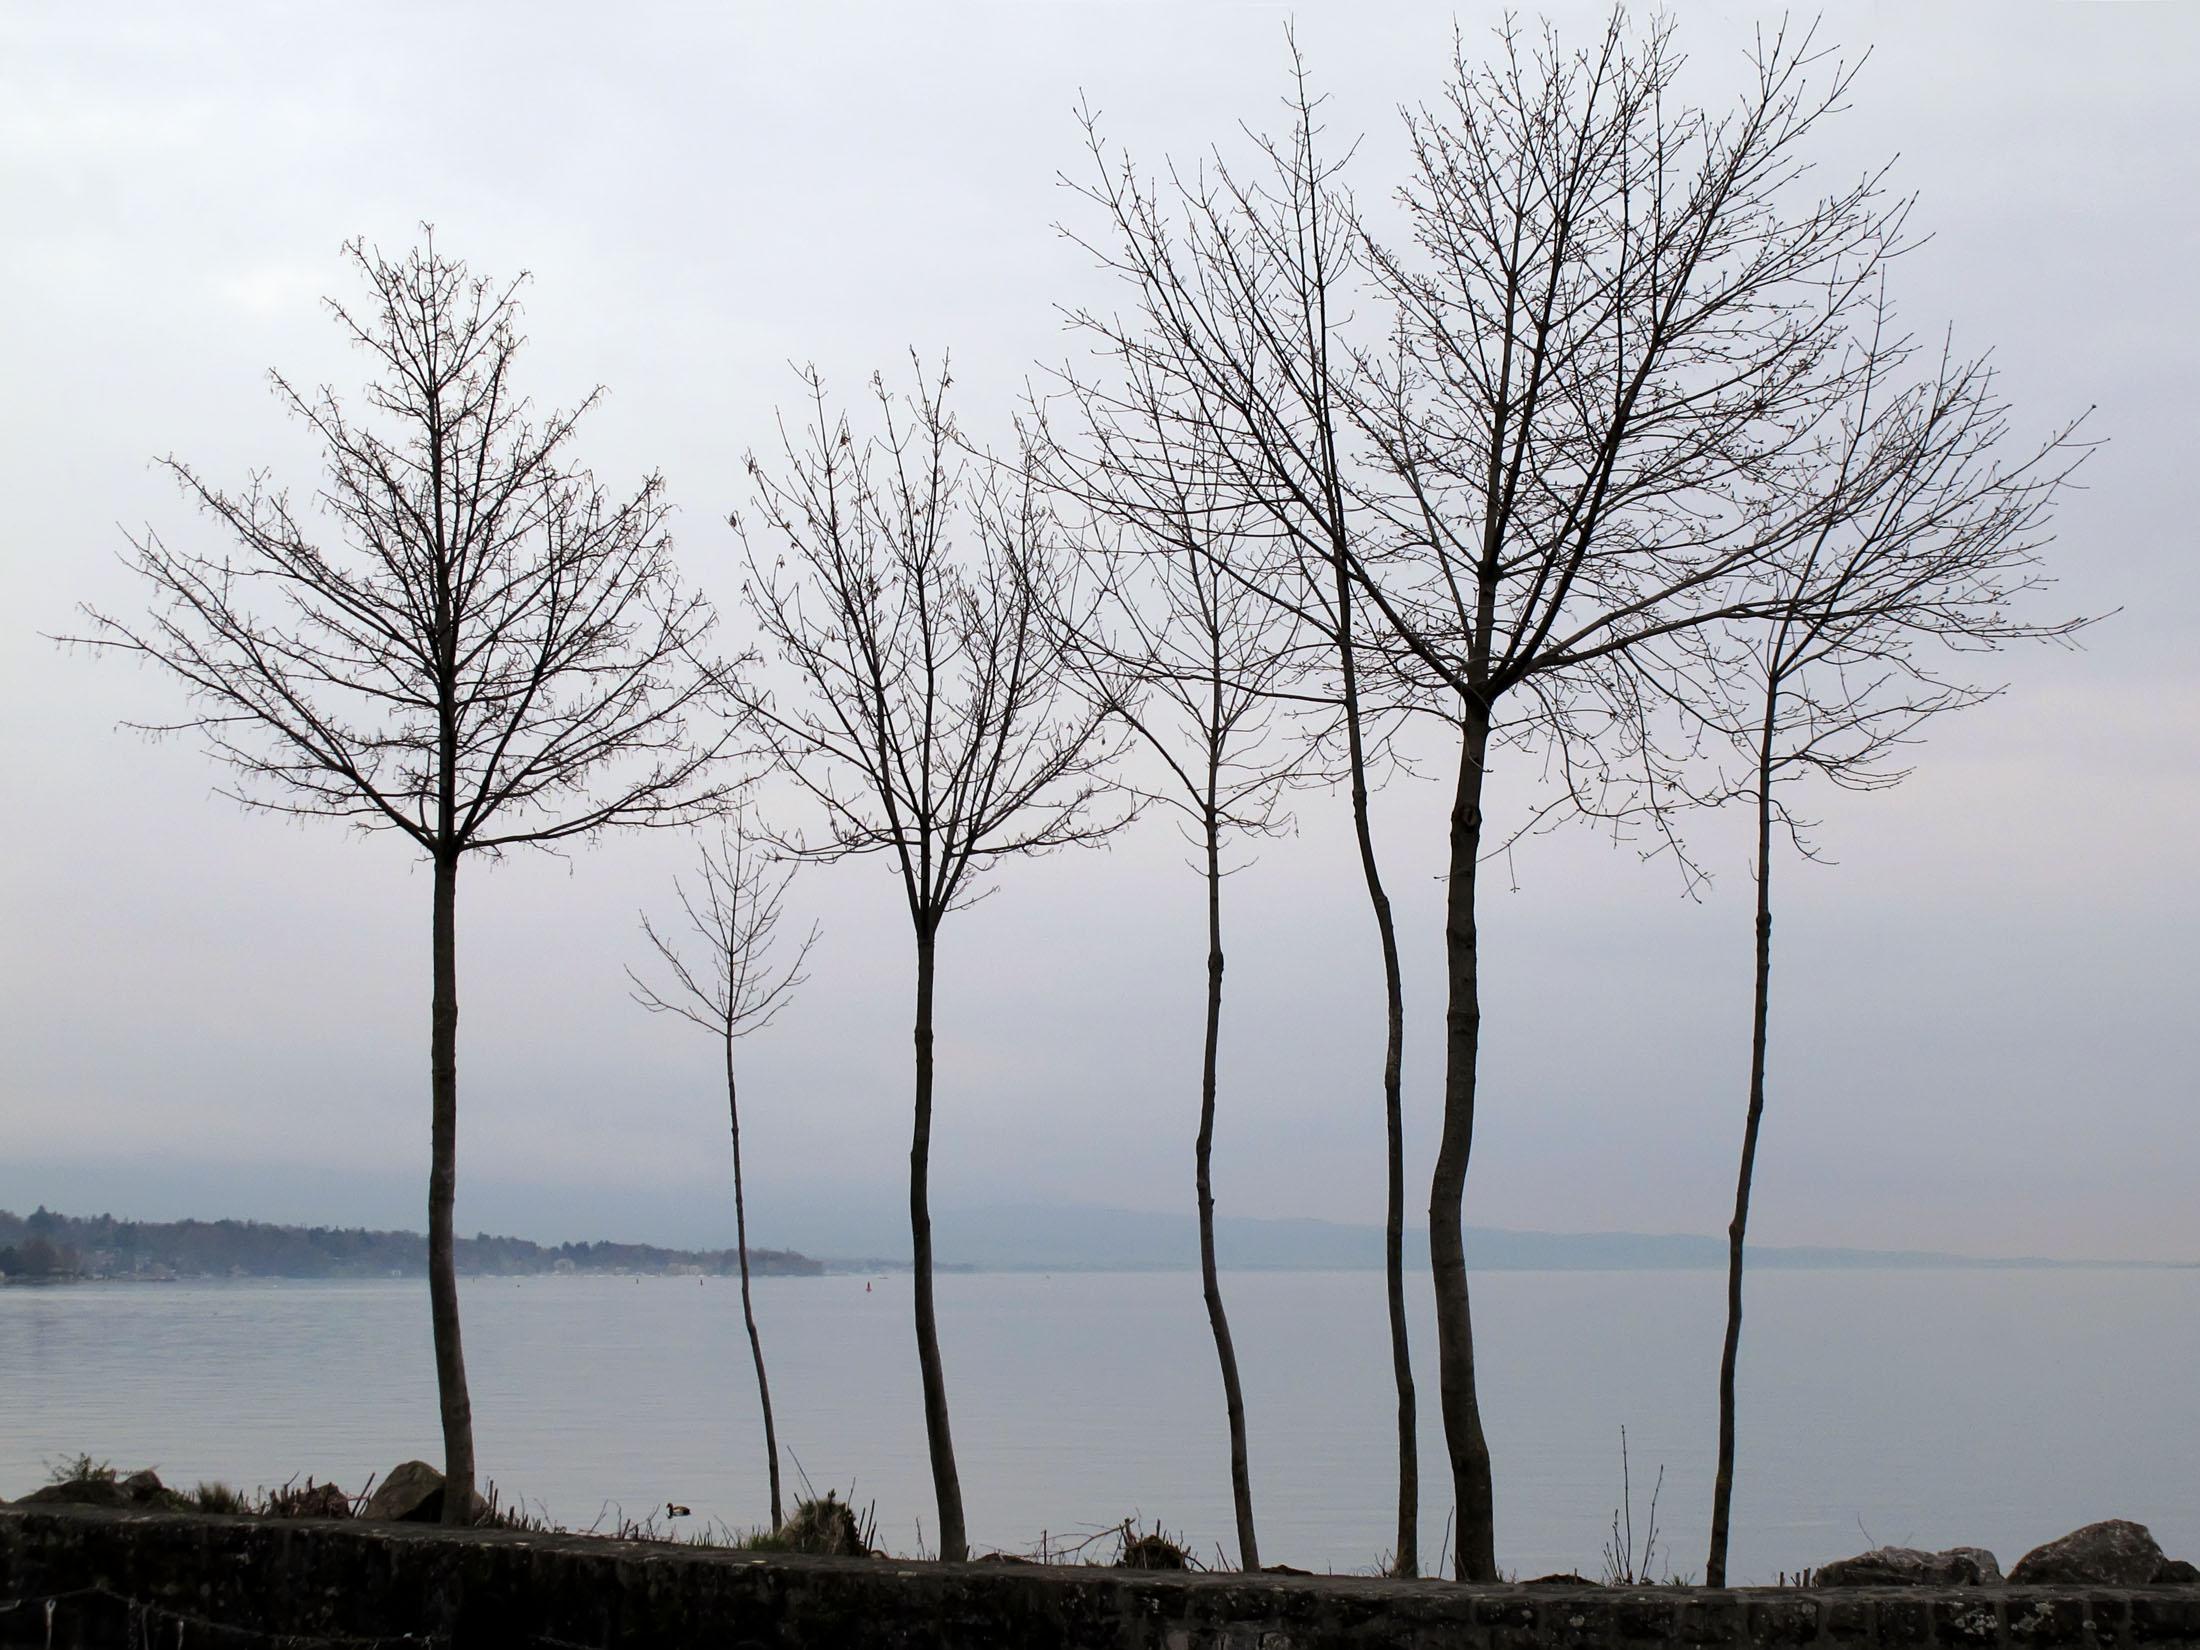 Winter trees - Lake Geneva, Switzerland